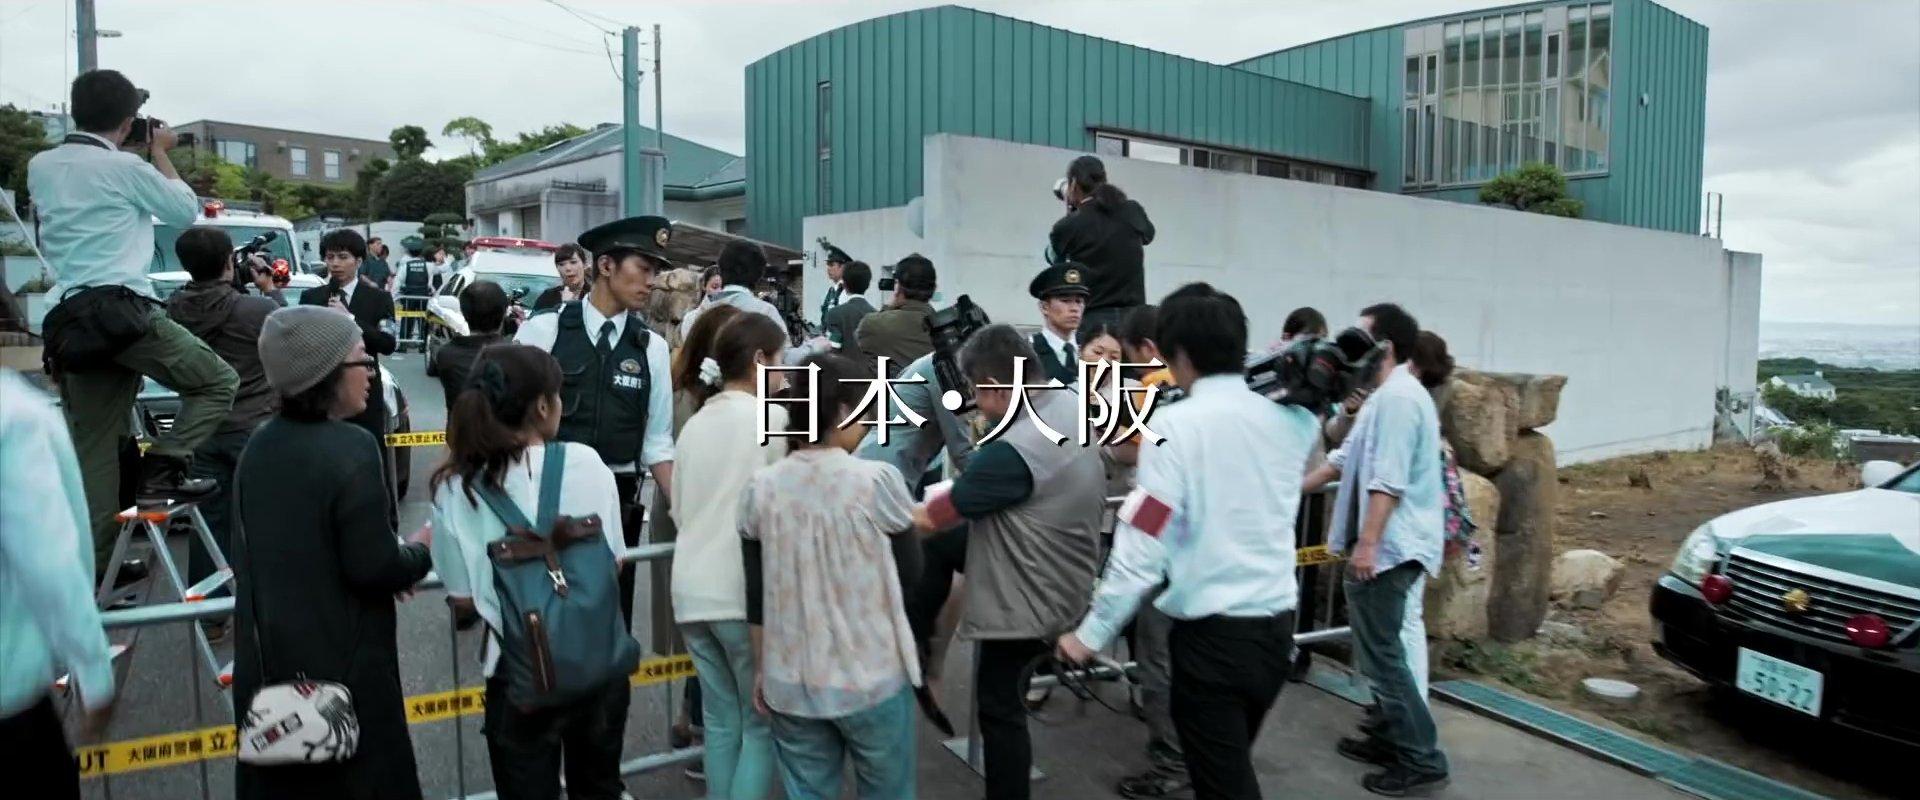 マンハント予告編より 現場